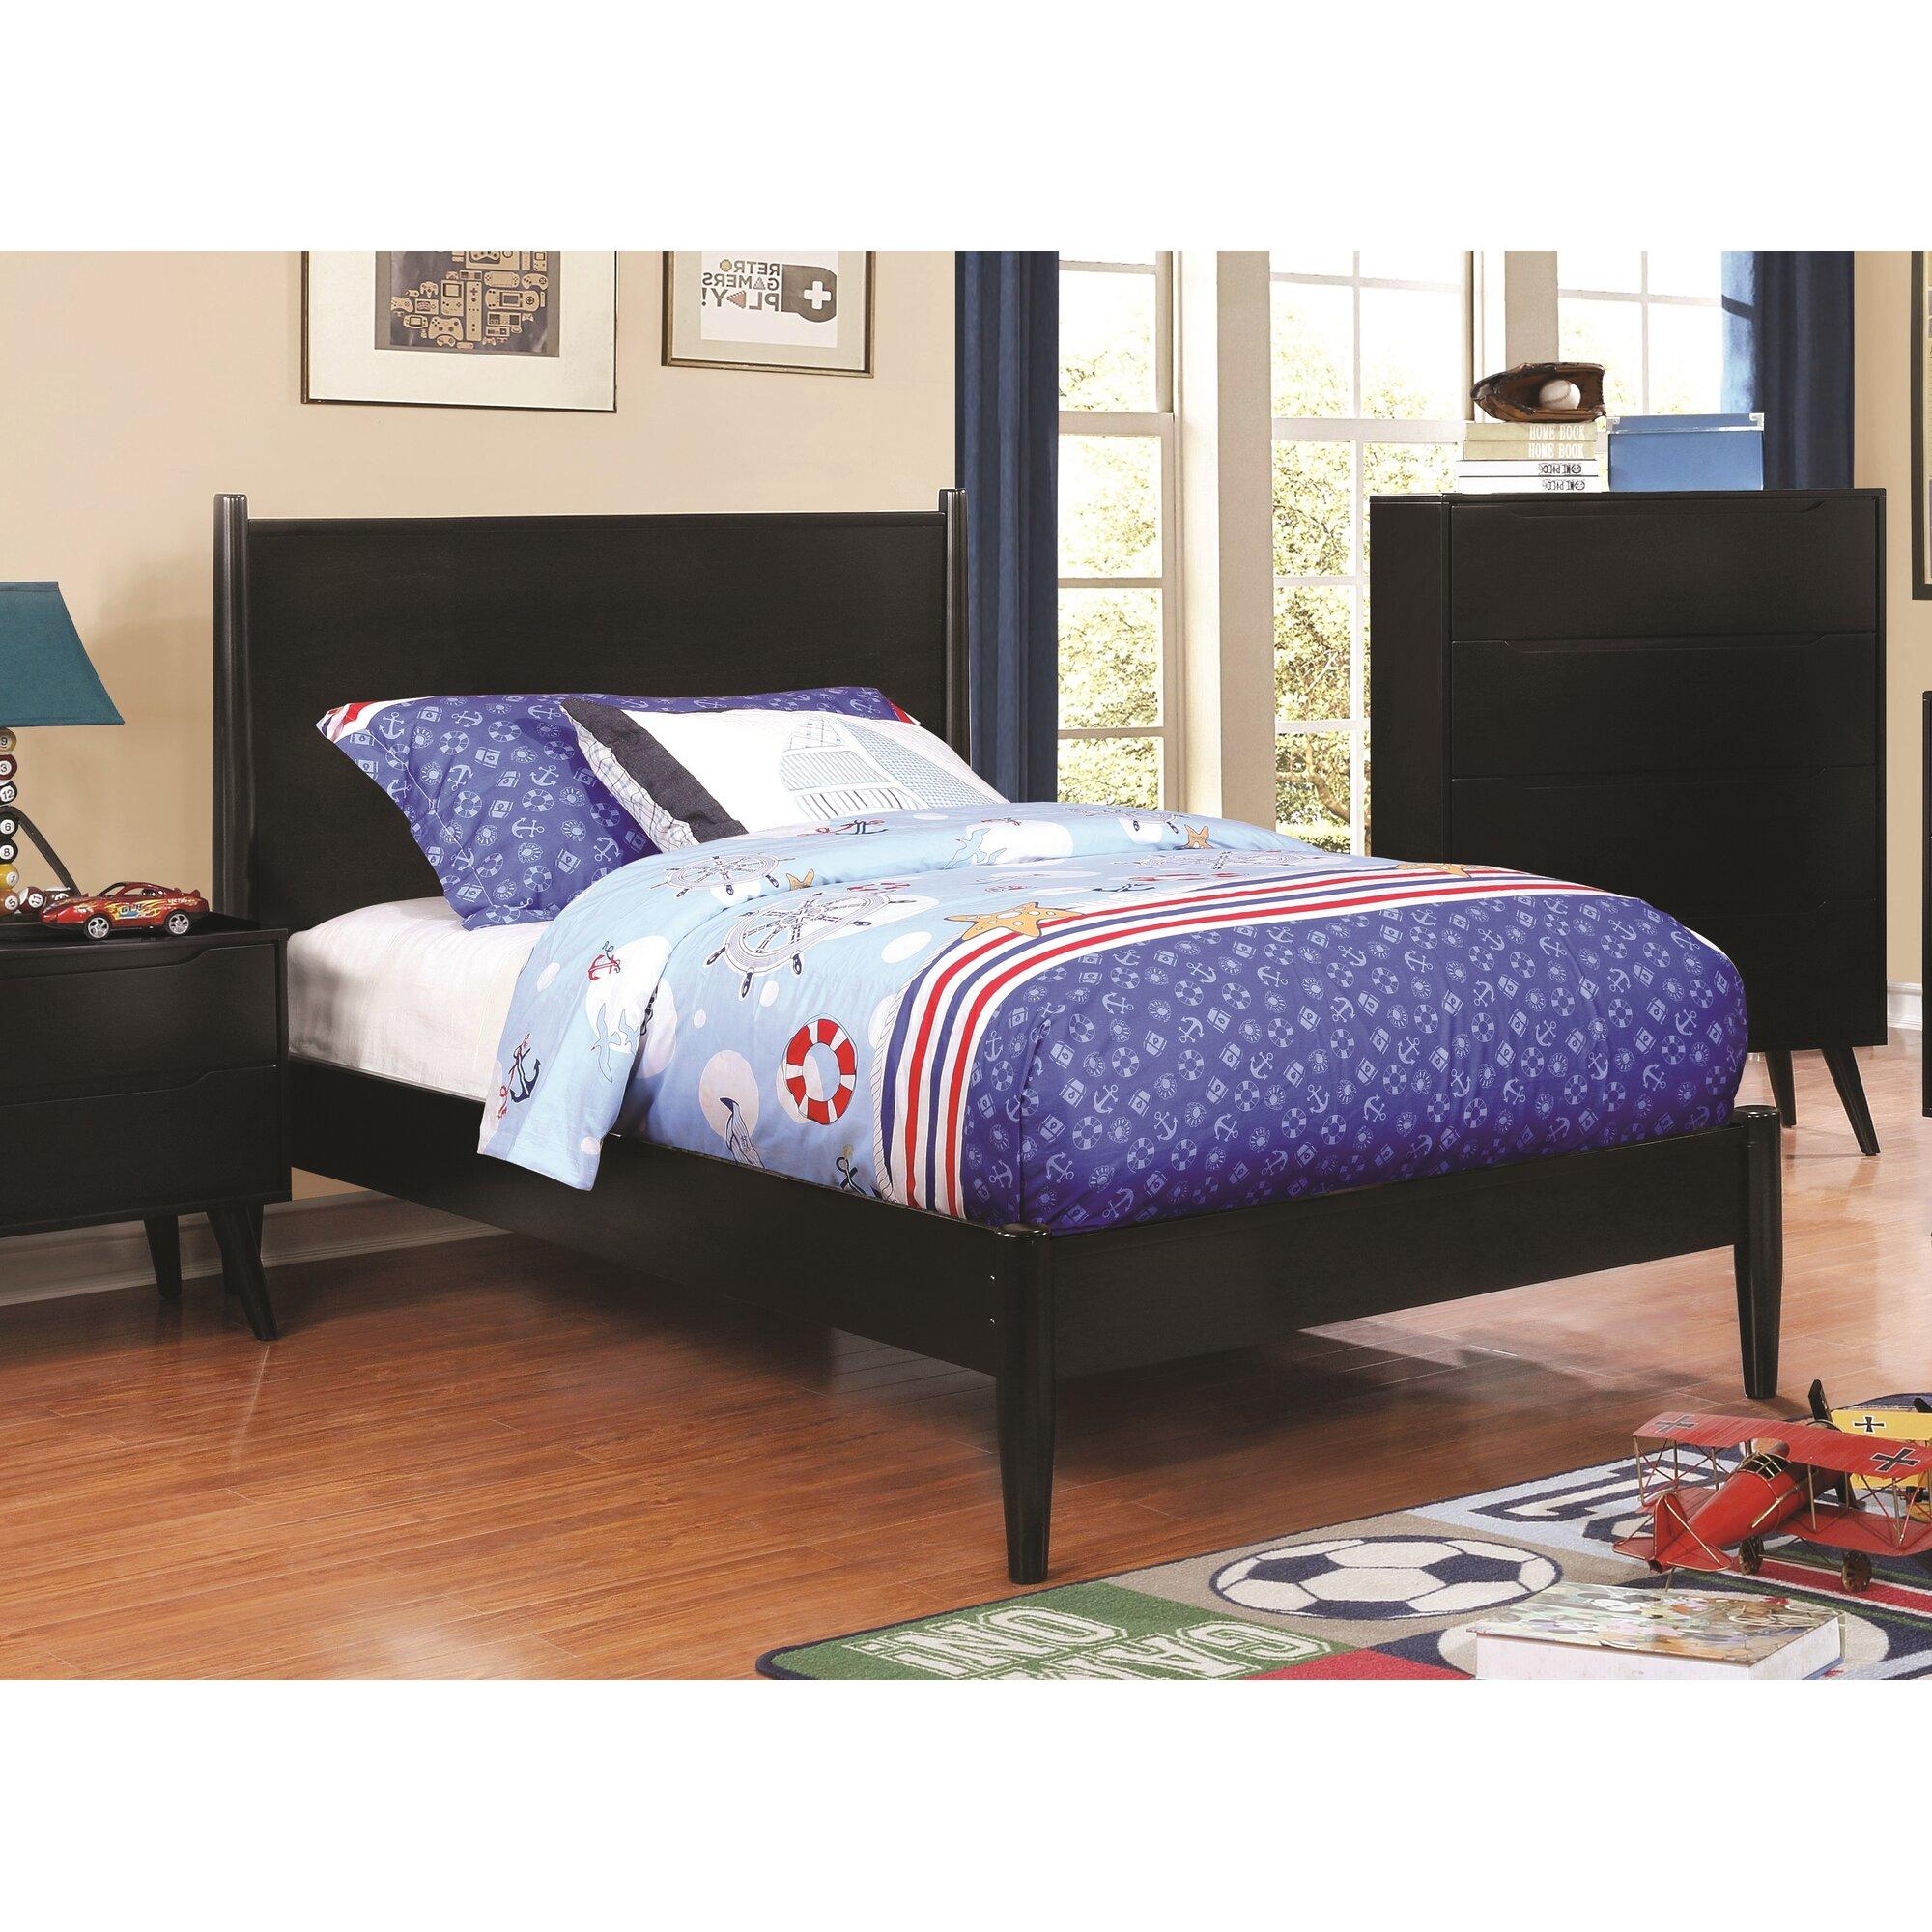 Modern platform bedroom sets - Mason Mid Century Modern Platform Customizable Bedroom Set